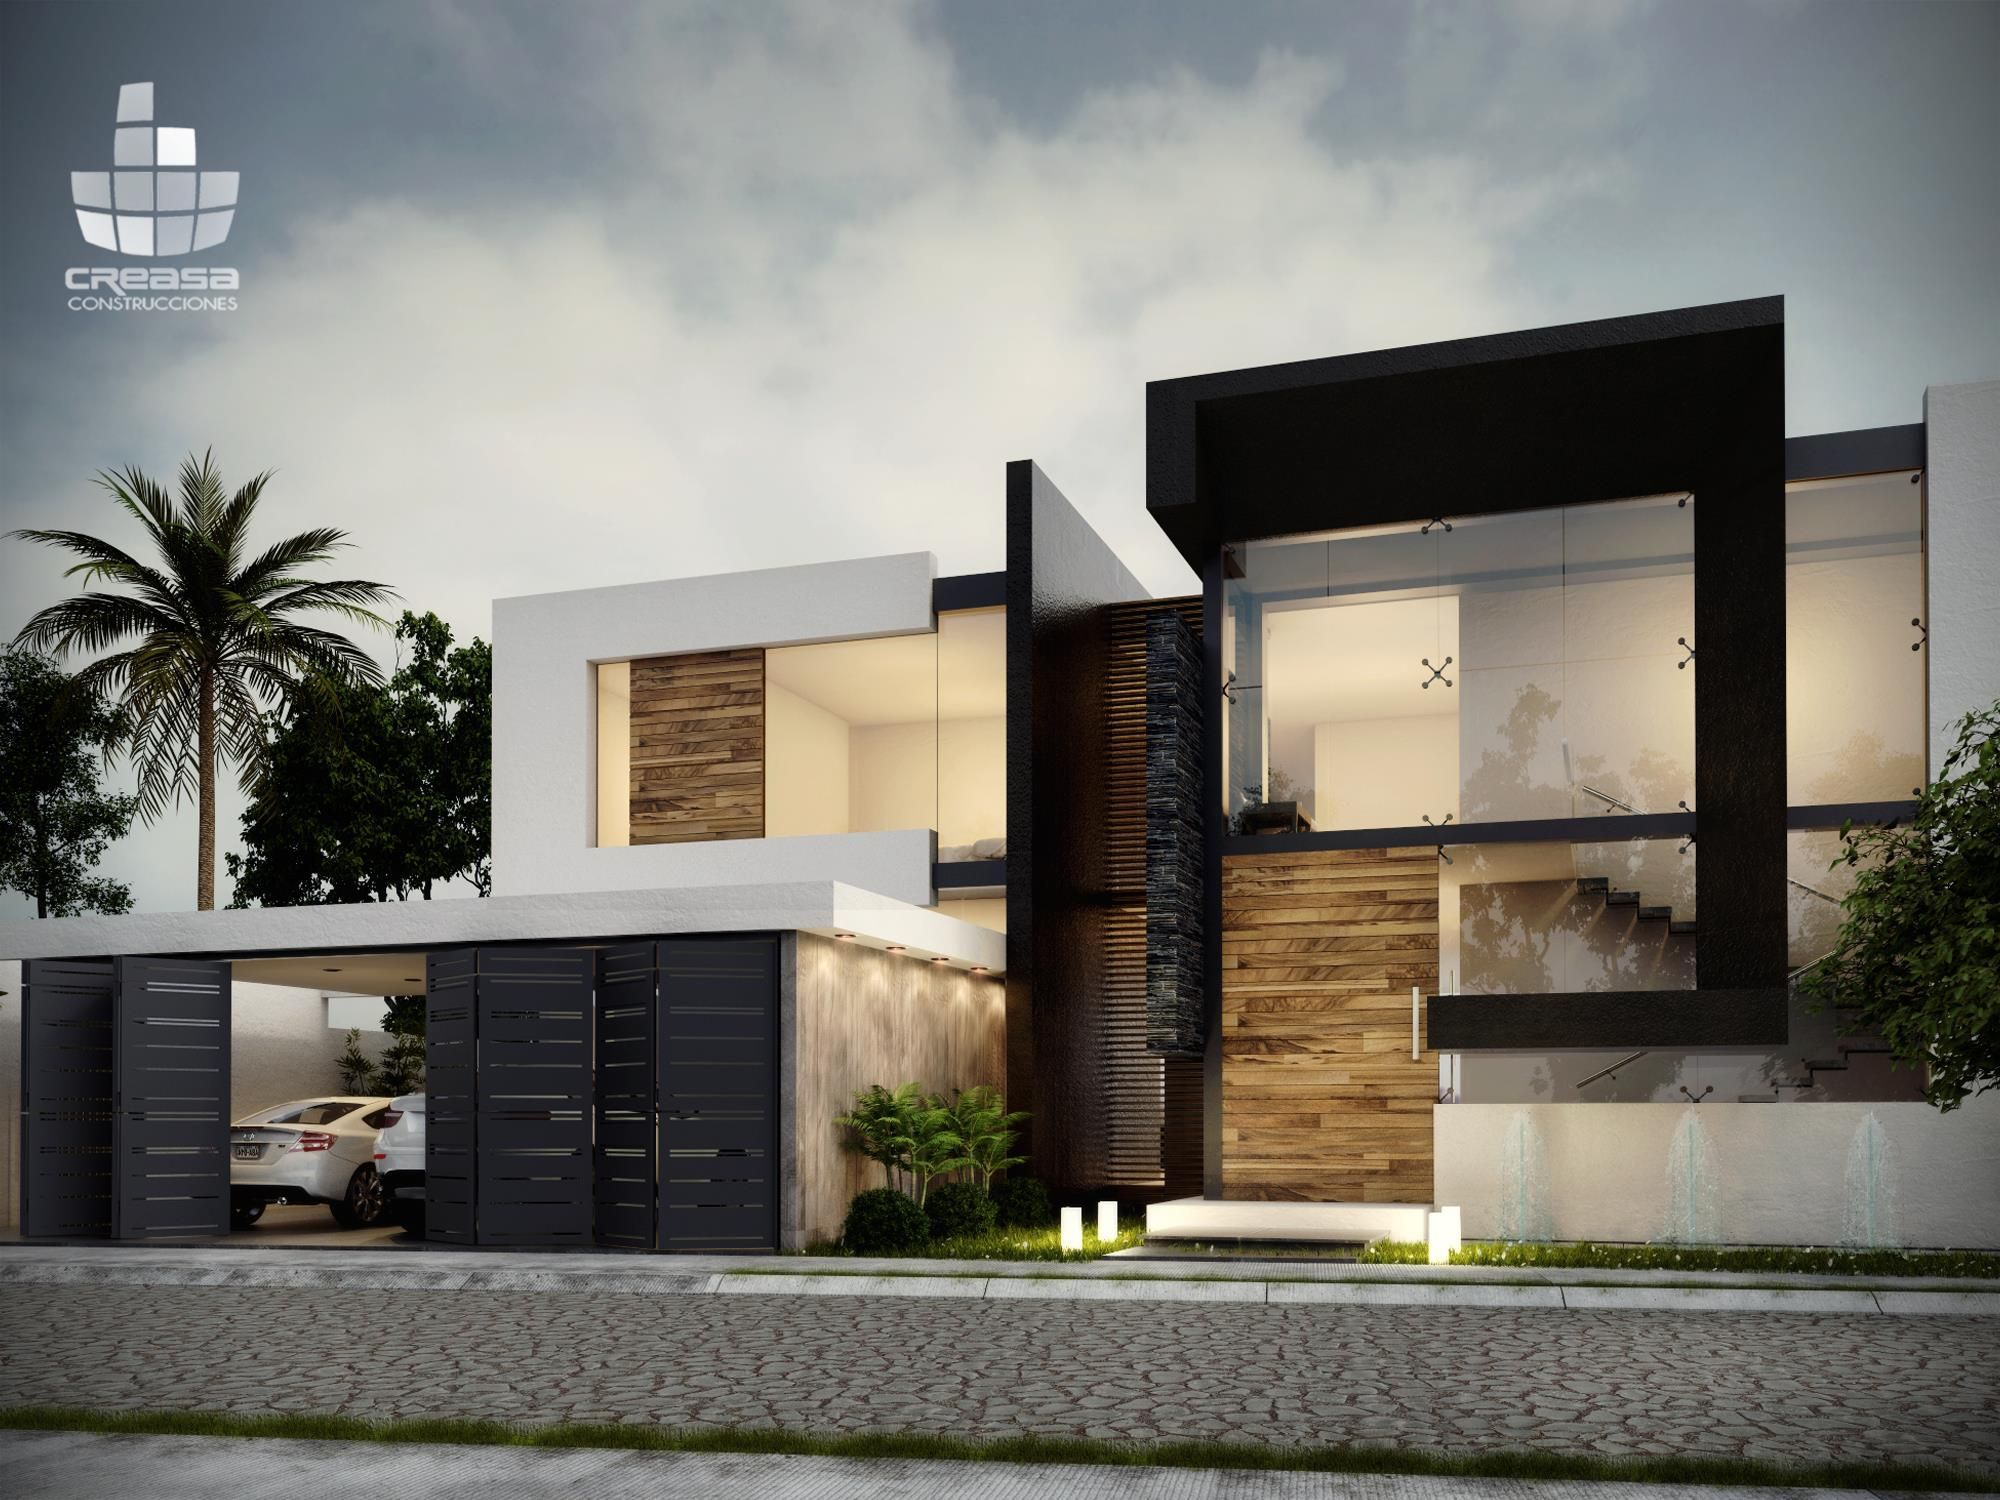 Creasa fachada pinterest fachadas casas y arquitectura for Casas modernas brasil